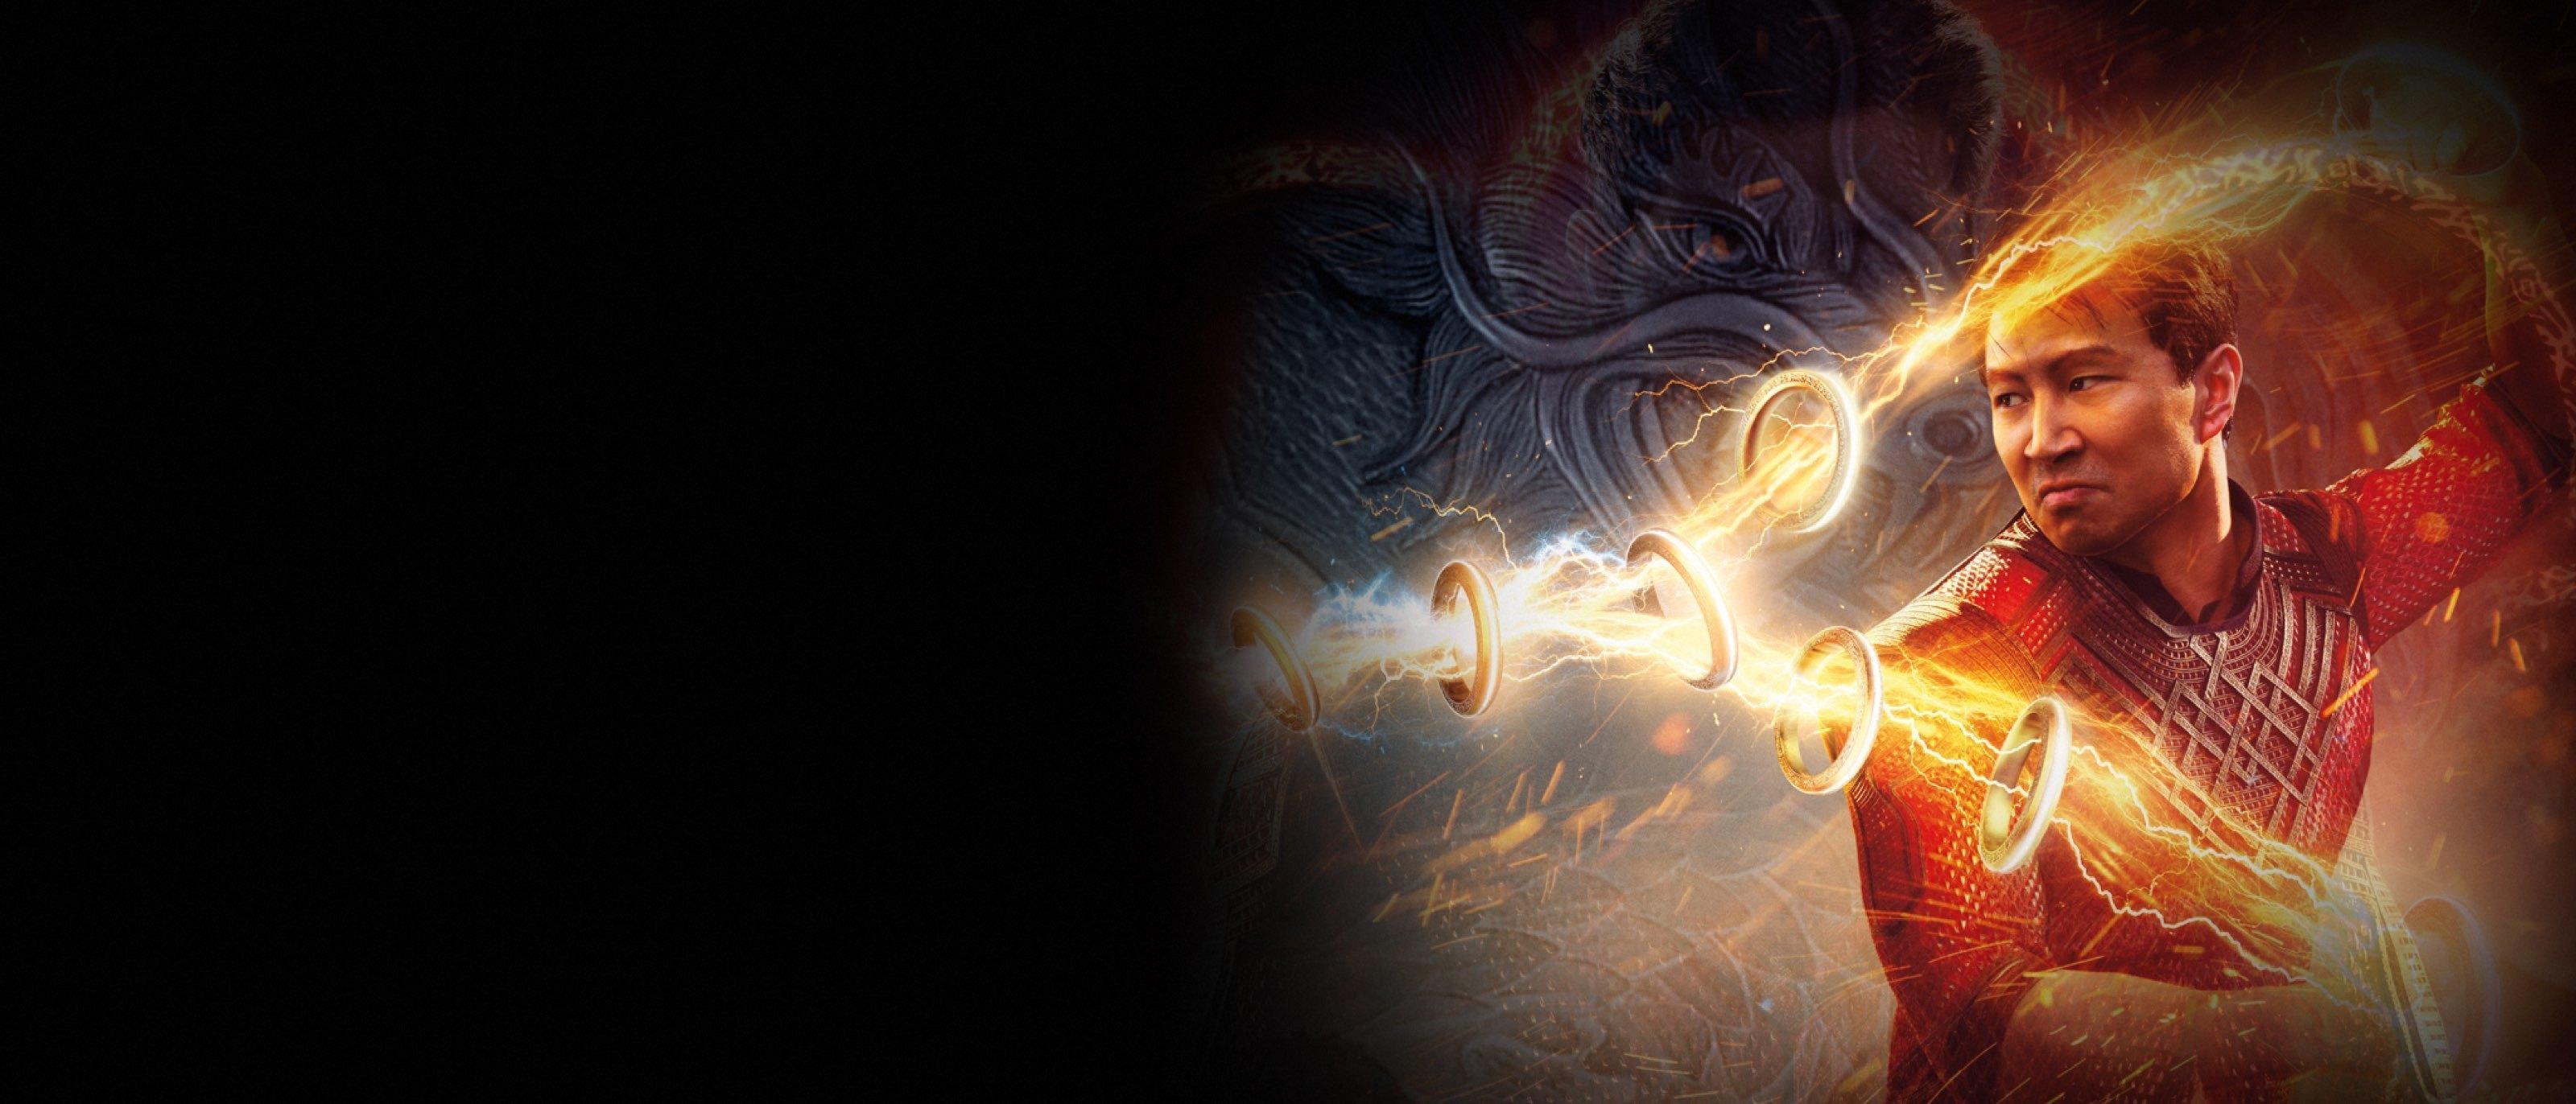 Descubre más sobre Shang-Chi y la leyenda de los Diez Anillos - Ya en cines